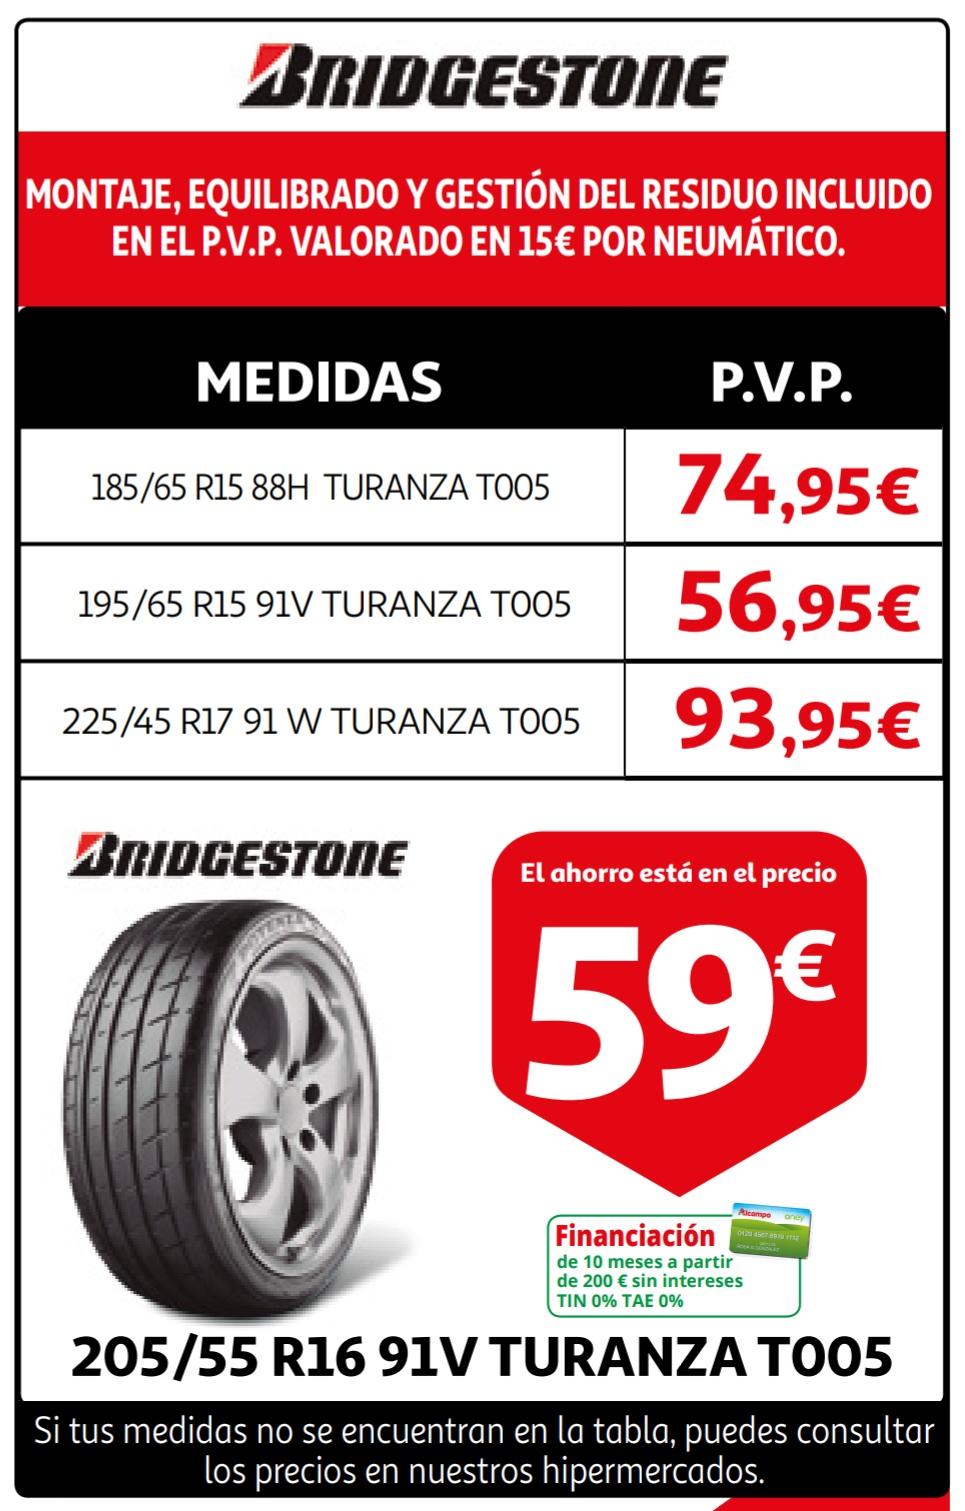 Neumáticos con montaje, equilibrado y ecotasa.